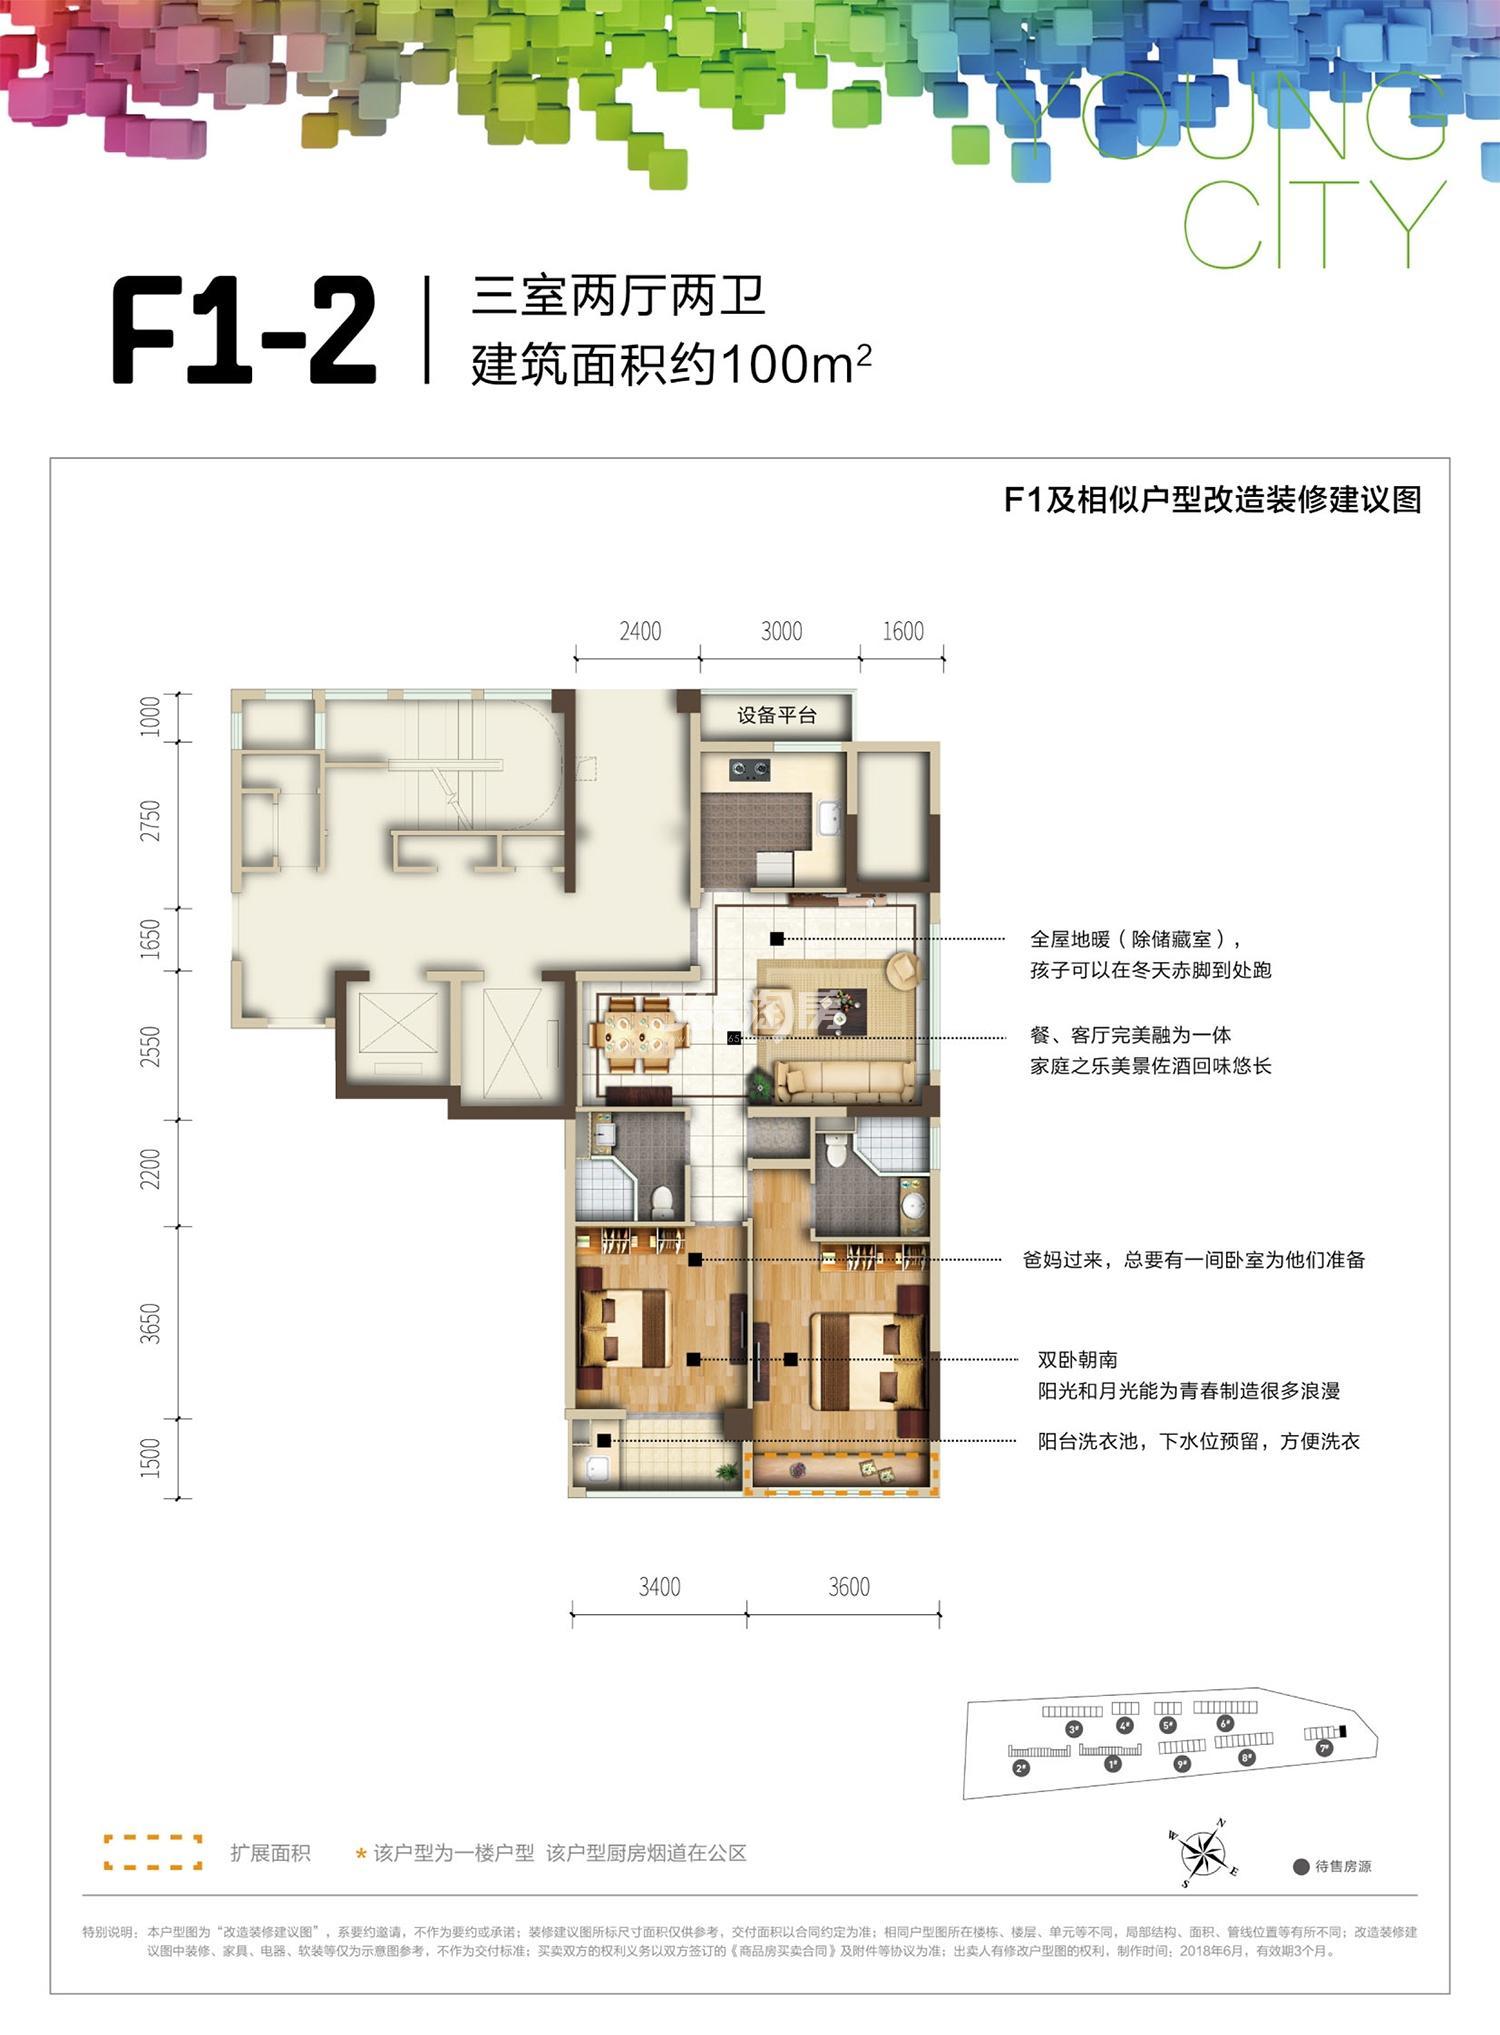 地铁绿城杨柳郡四期F1-2户型约100㎡(7#东边套)